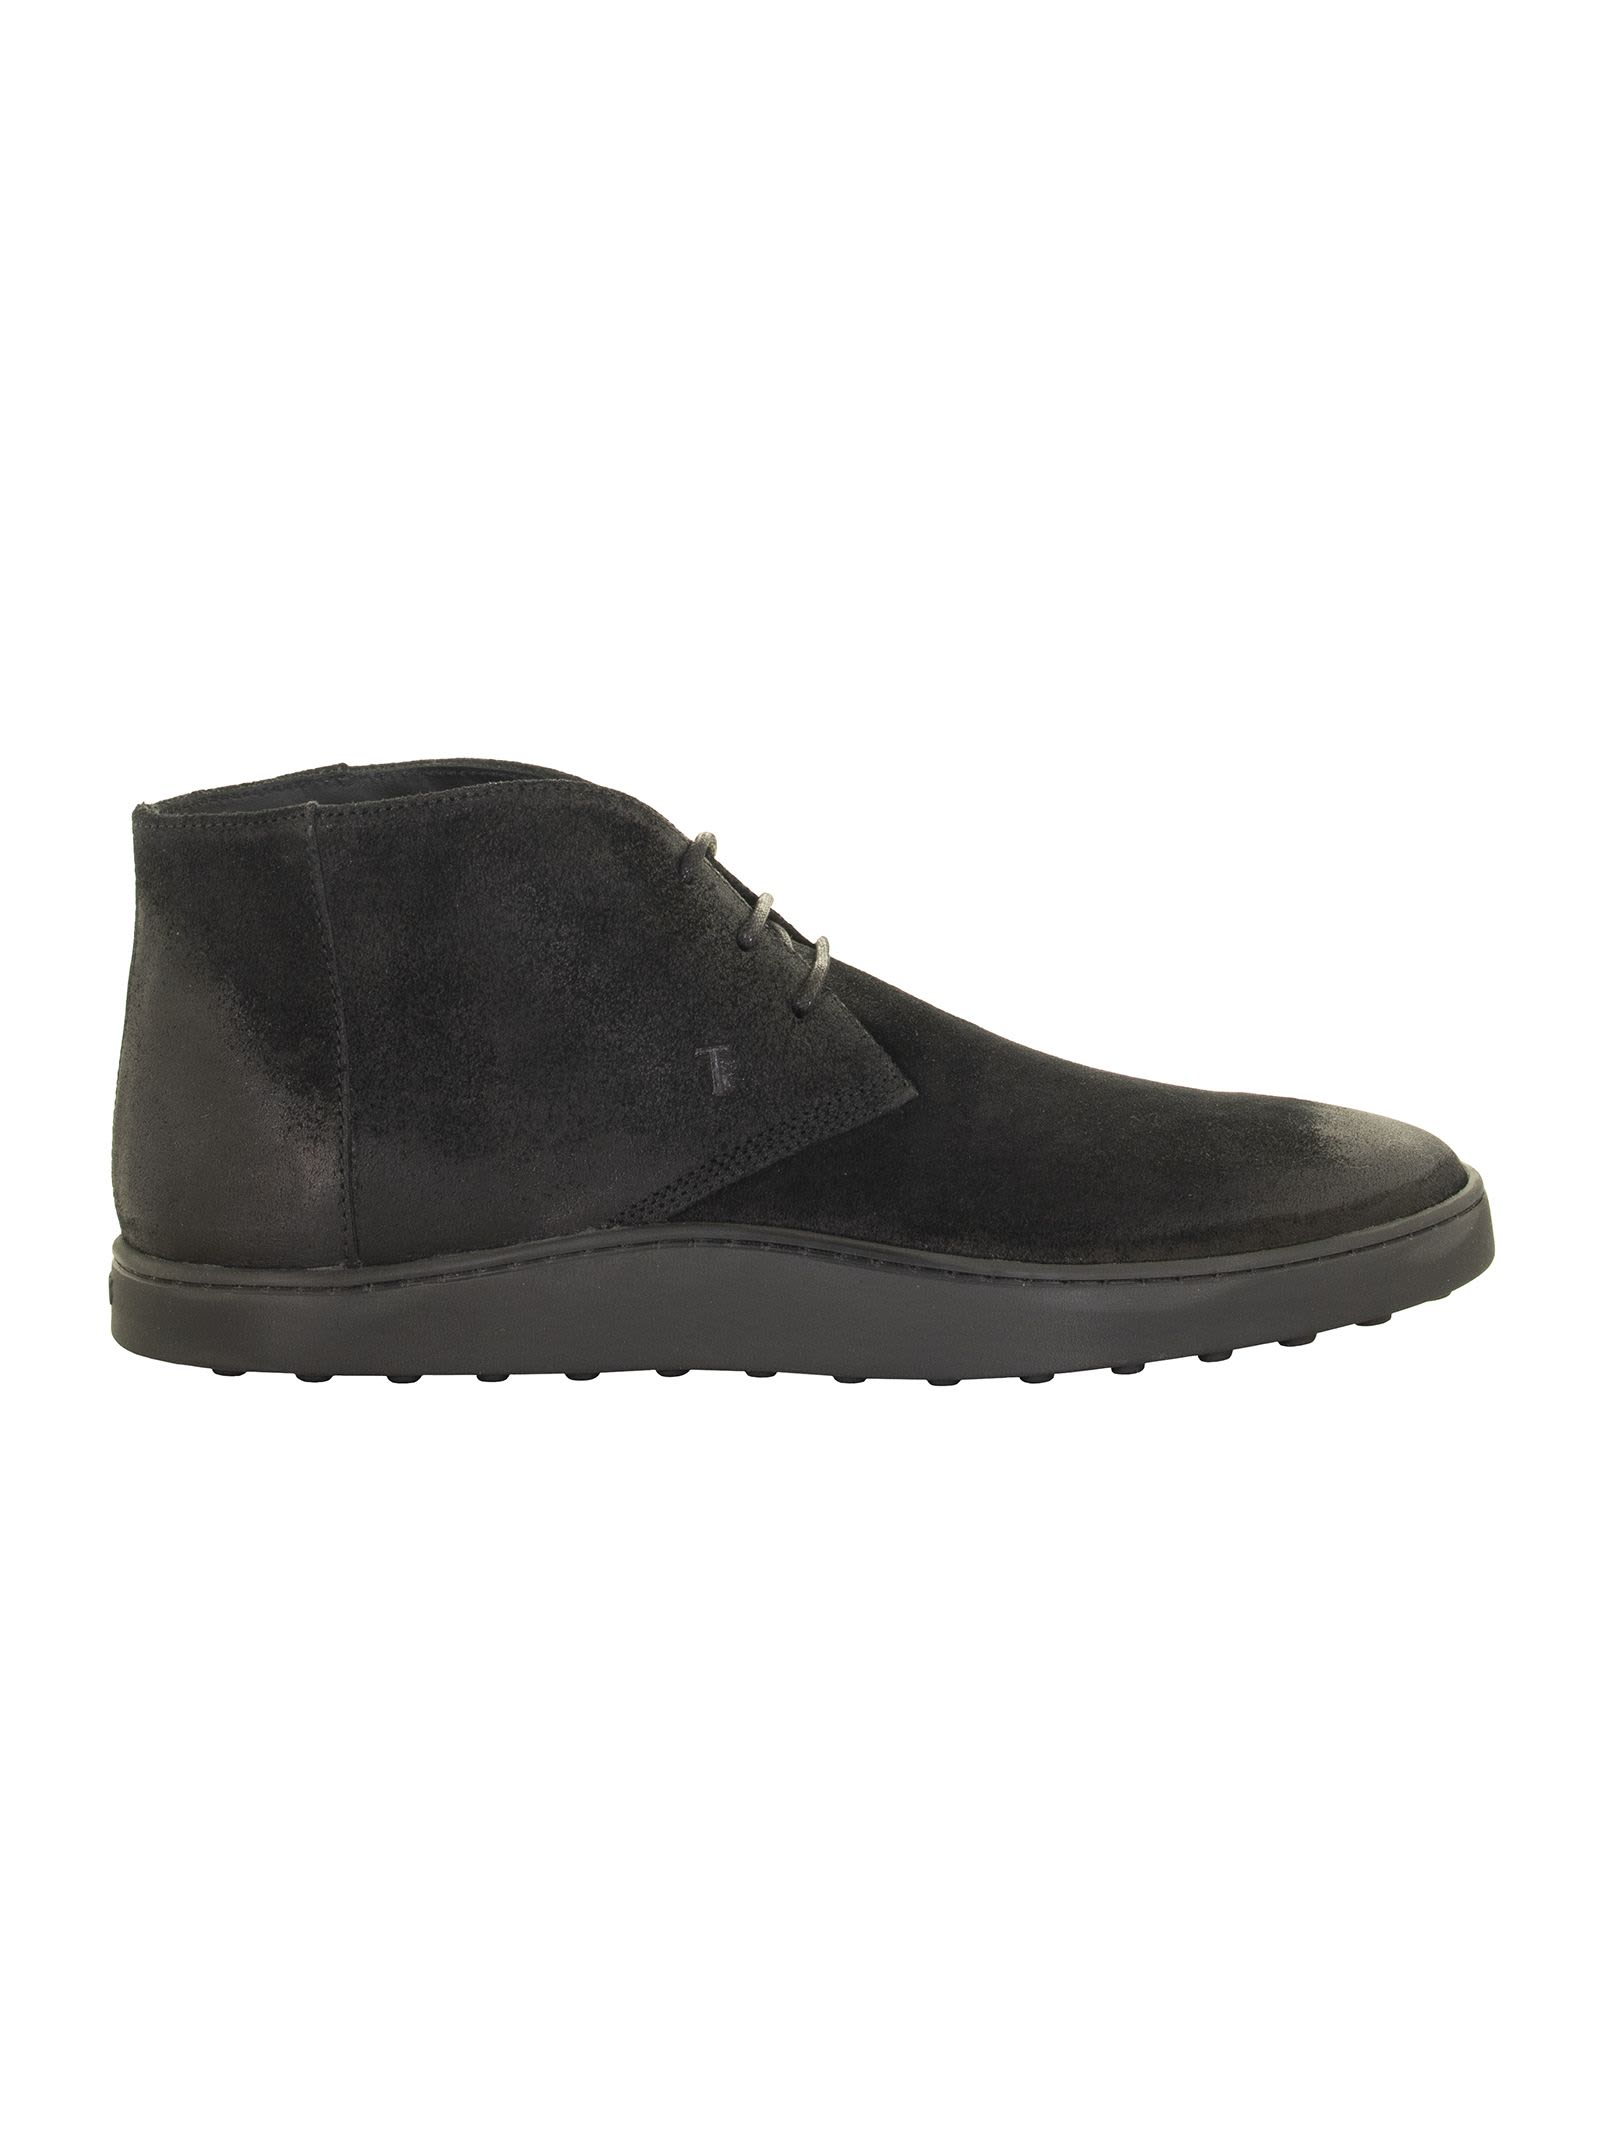 Tods Black Desert Boots